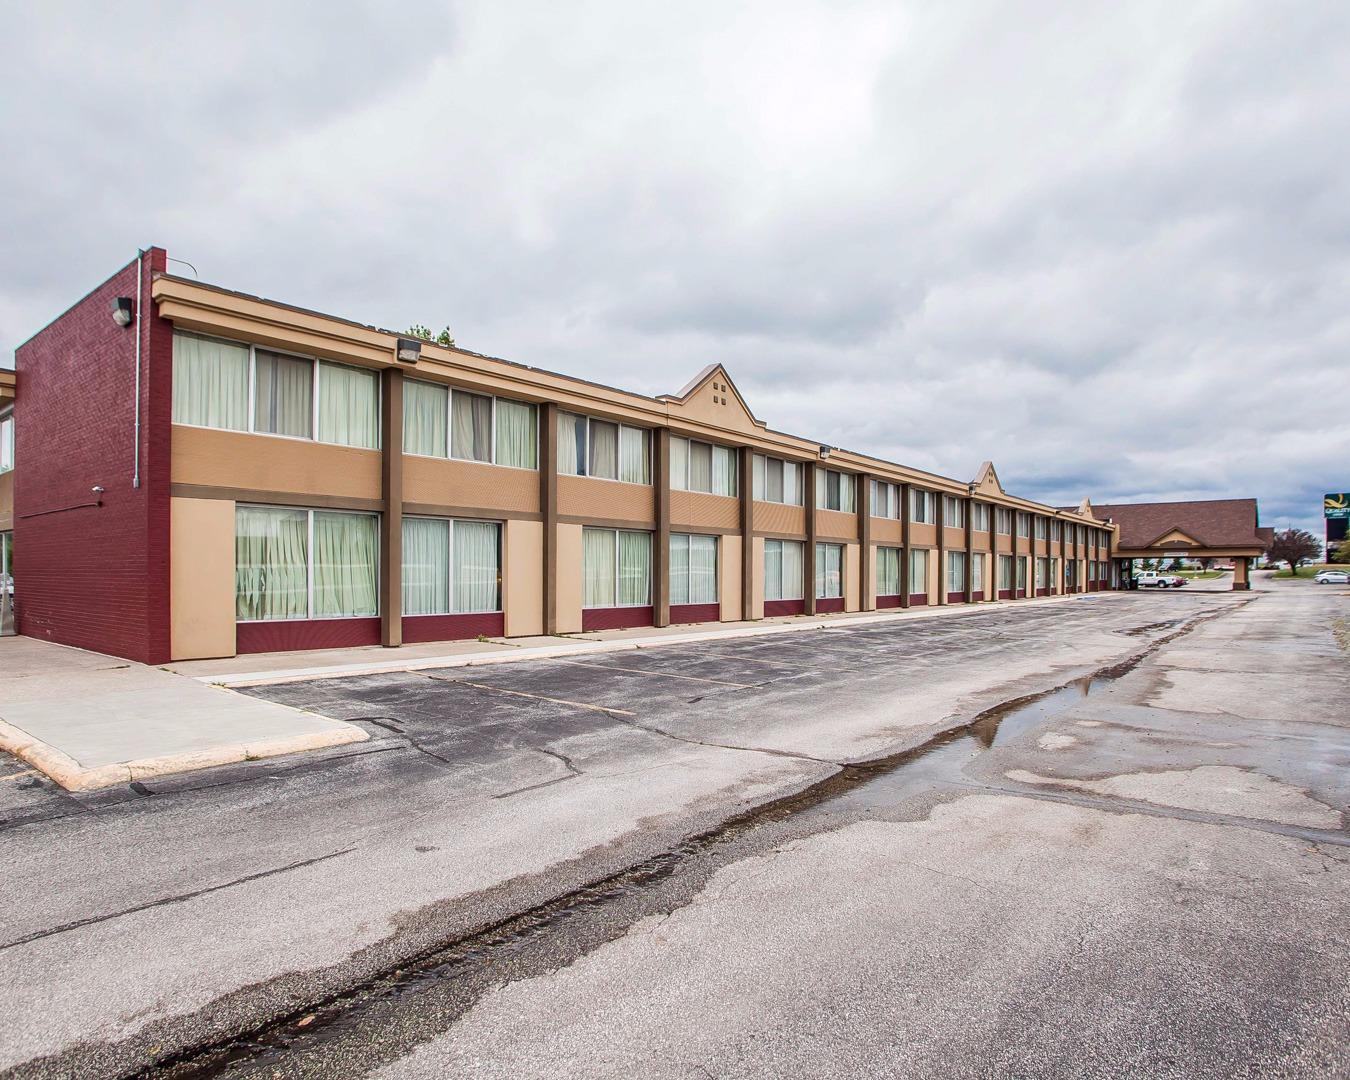 Quality Inn, Fort Dodge IA